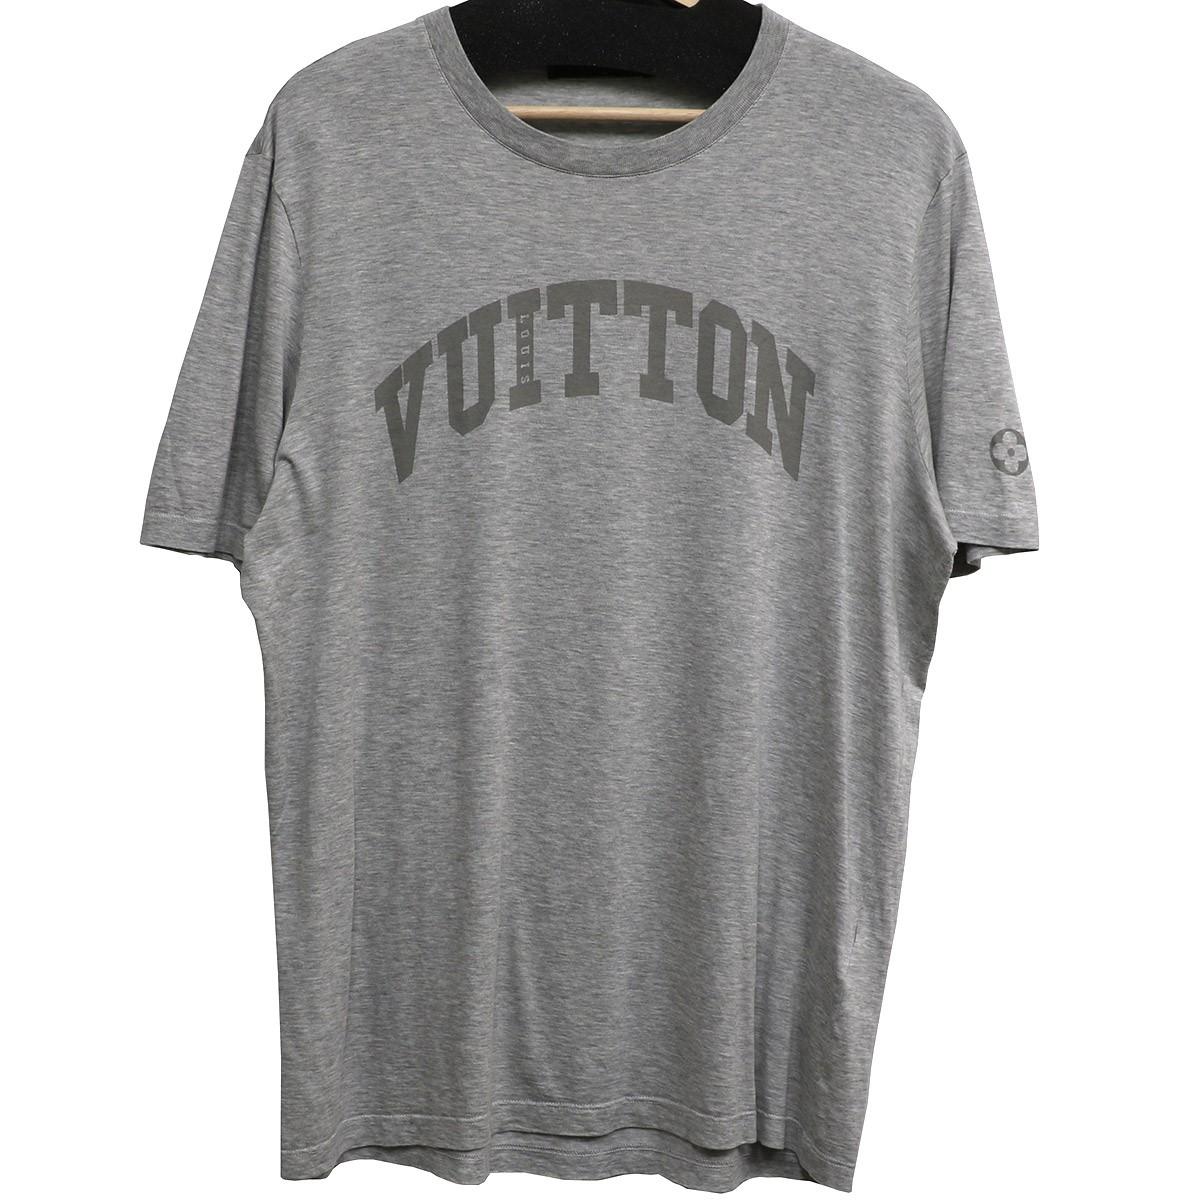 【中古】LOUIS VUITTON 12AW アーチロゴプリントTシャツ グレー サイズ:L 【020620】(ルイヴィトン)